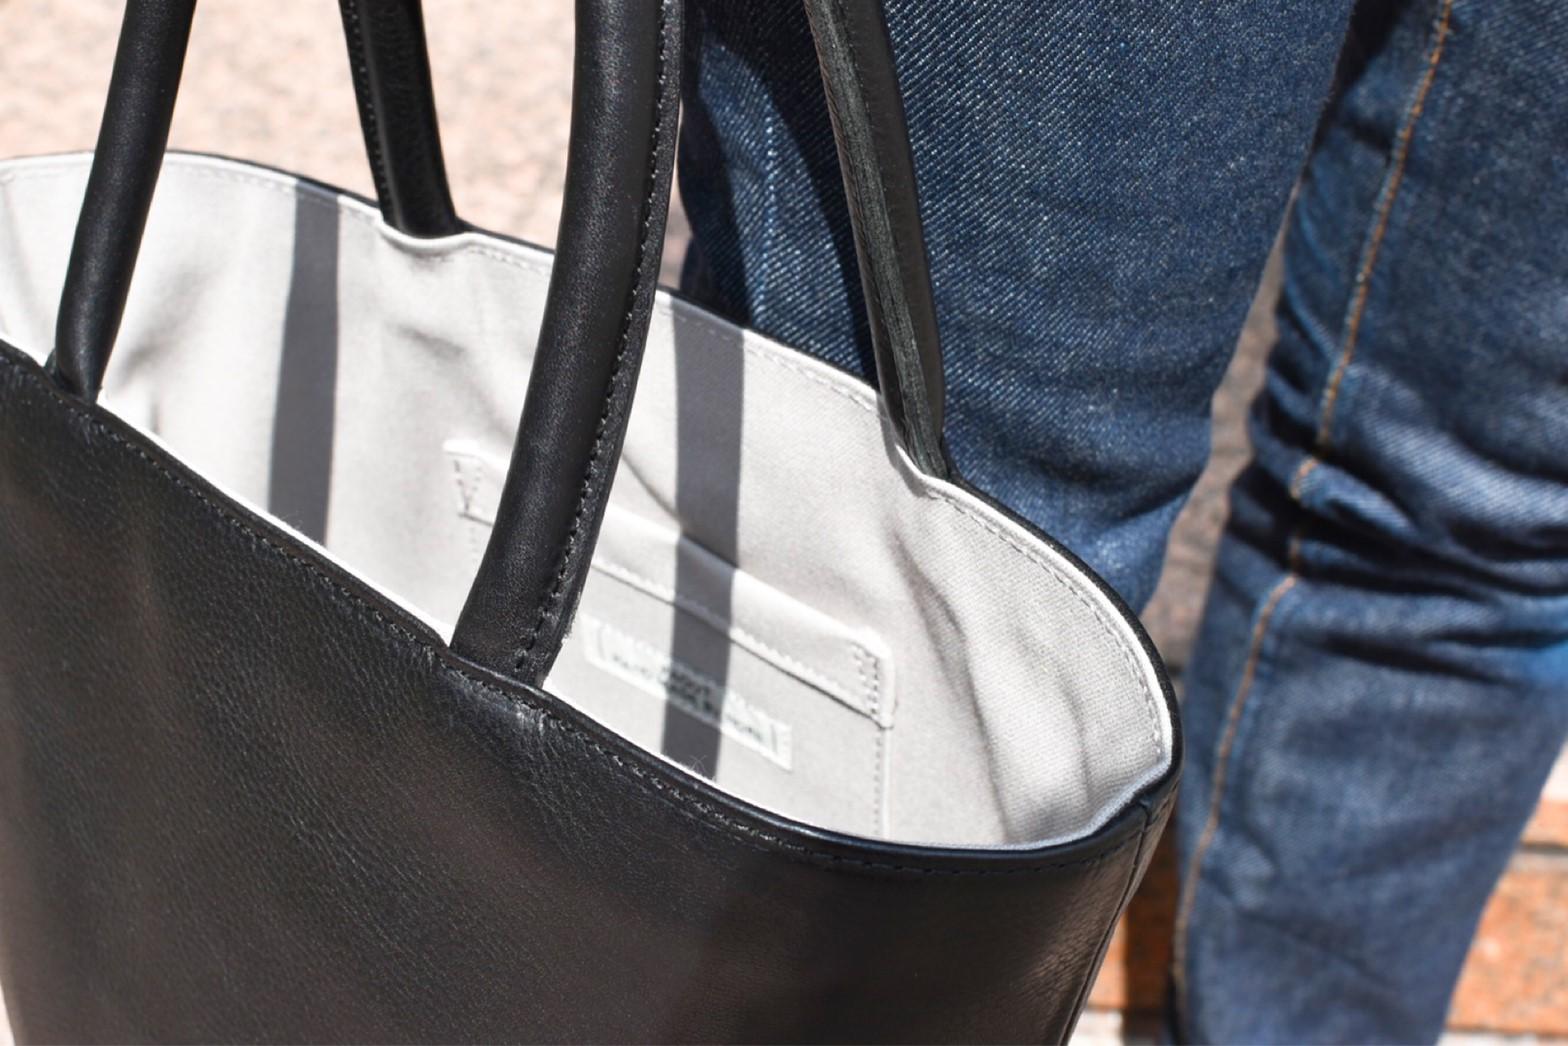 【ふるさと納税】鞄職人が手掛ける【バケツバッグ】ブラック×グレー